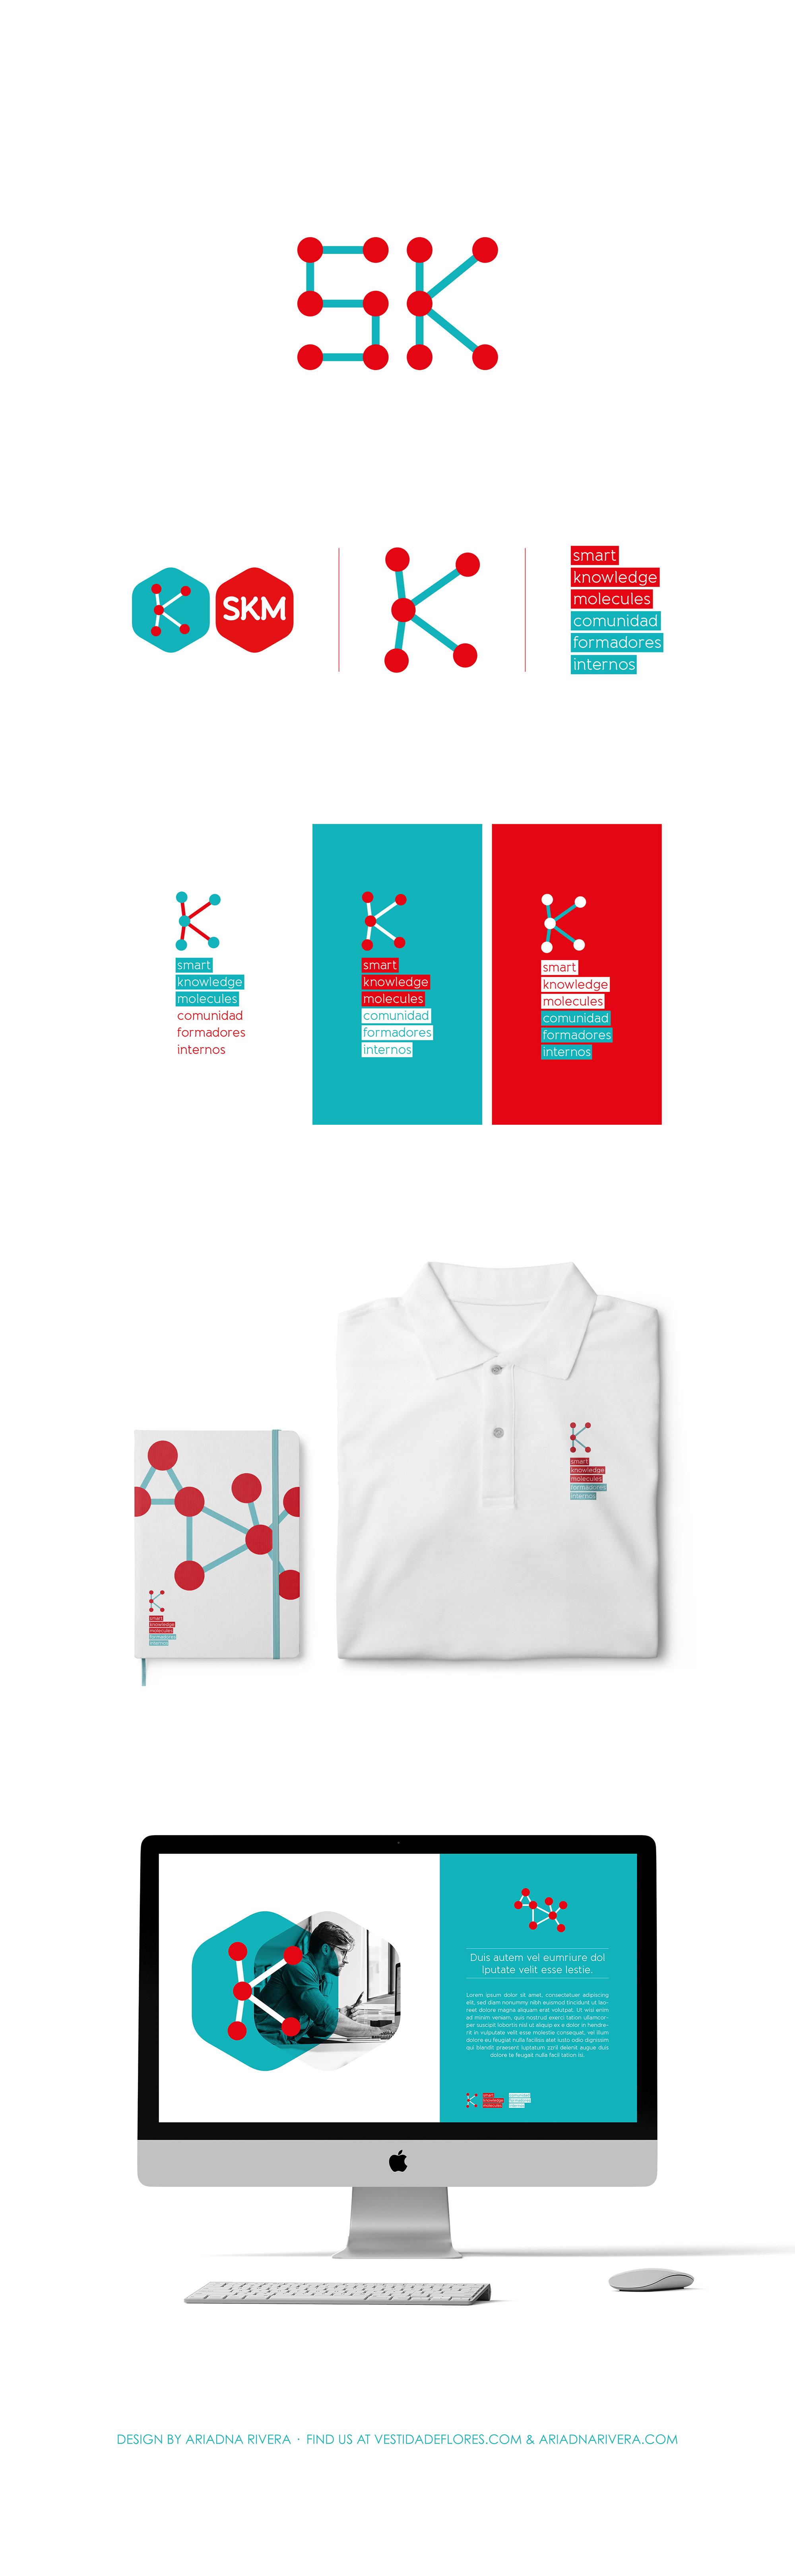 Vestida de flores - Diseño Identidad Corporativa para Formadores Internos